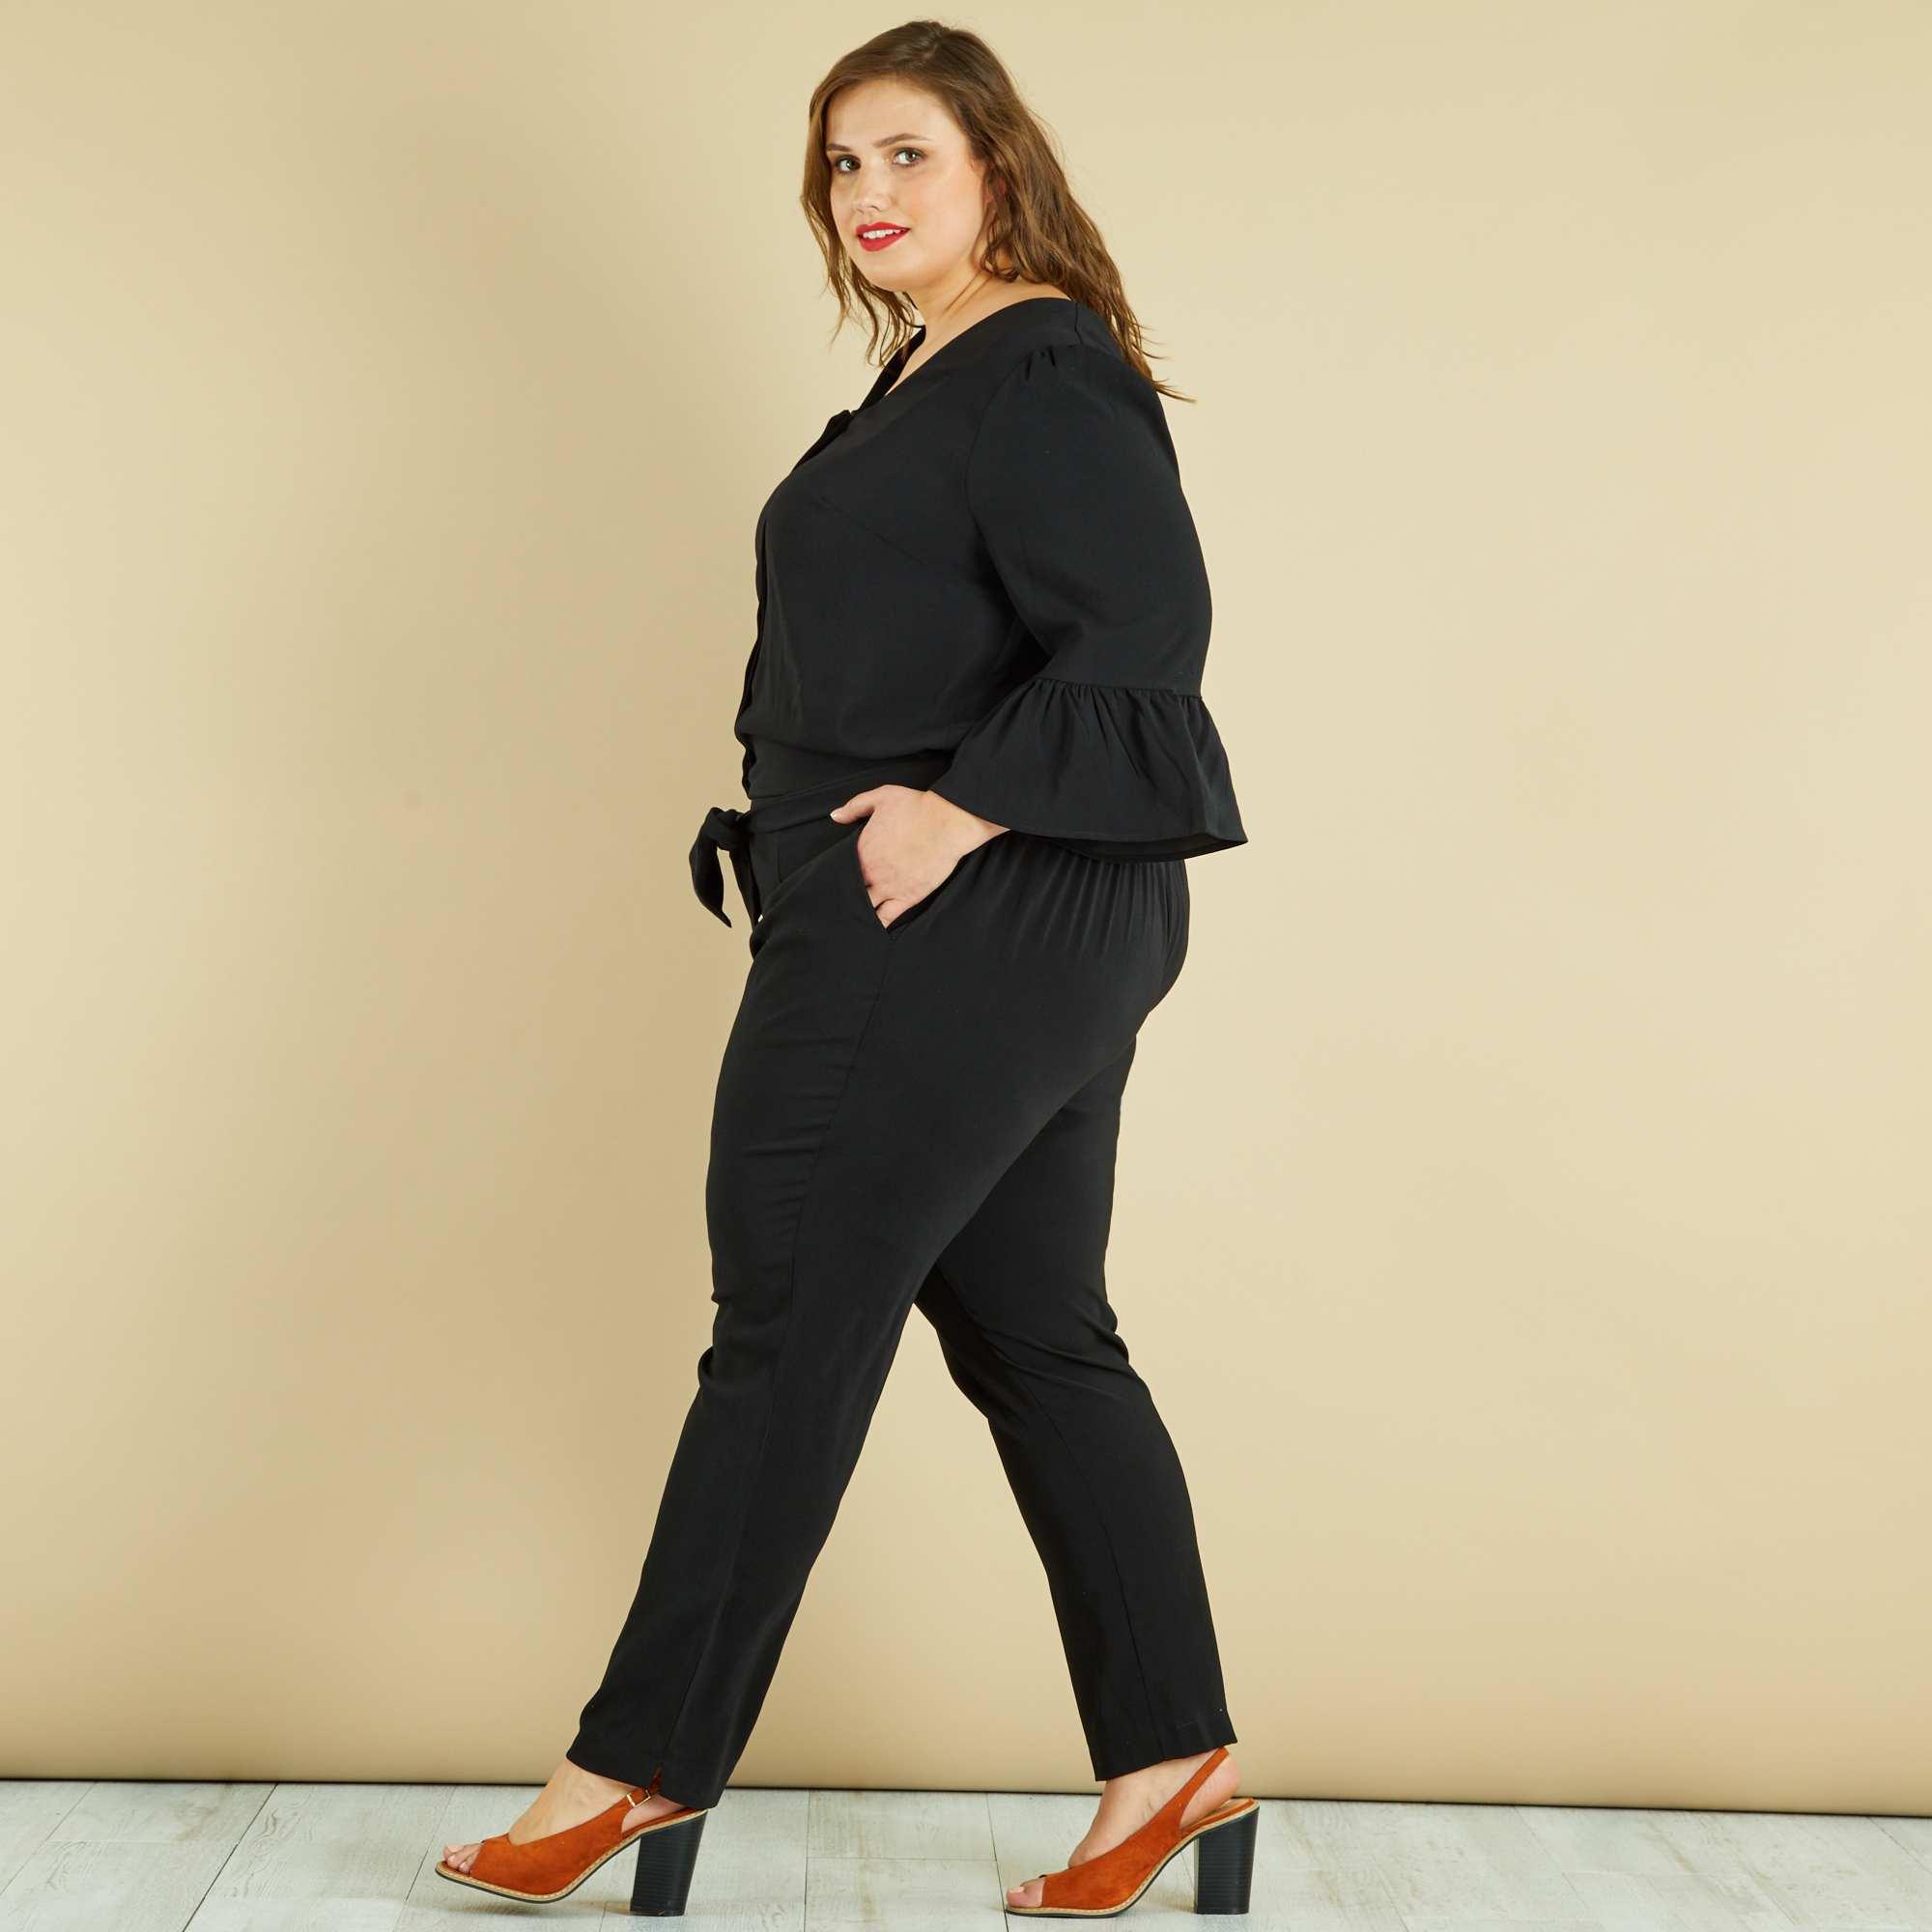 combinaison pantalon manches cloches grande taille femme noir kiabi 30 00. Black Bedroom Furniture Sets. Home Design Ideas